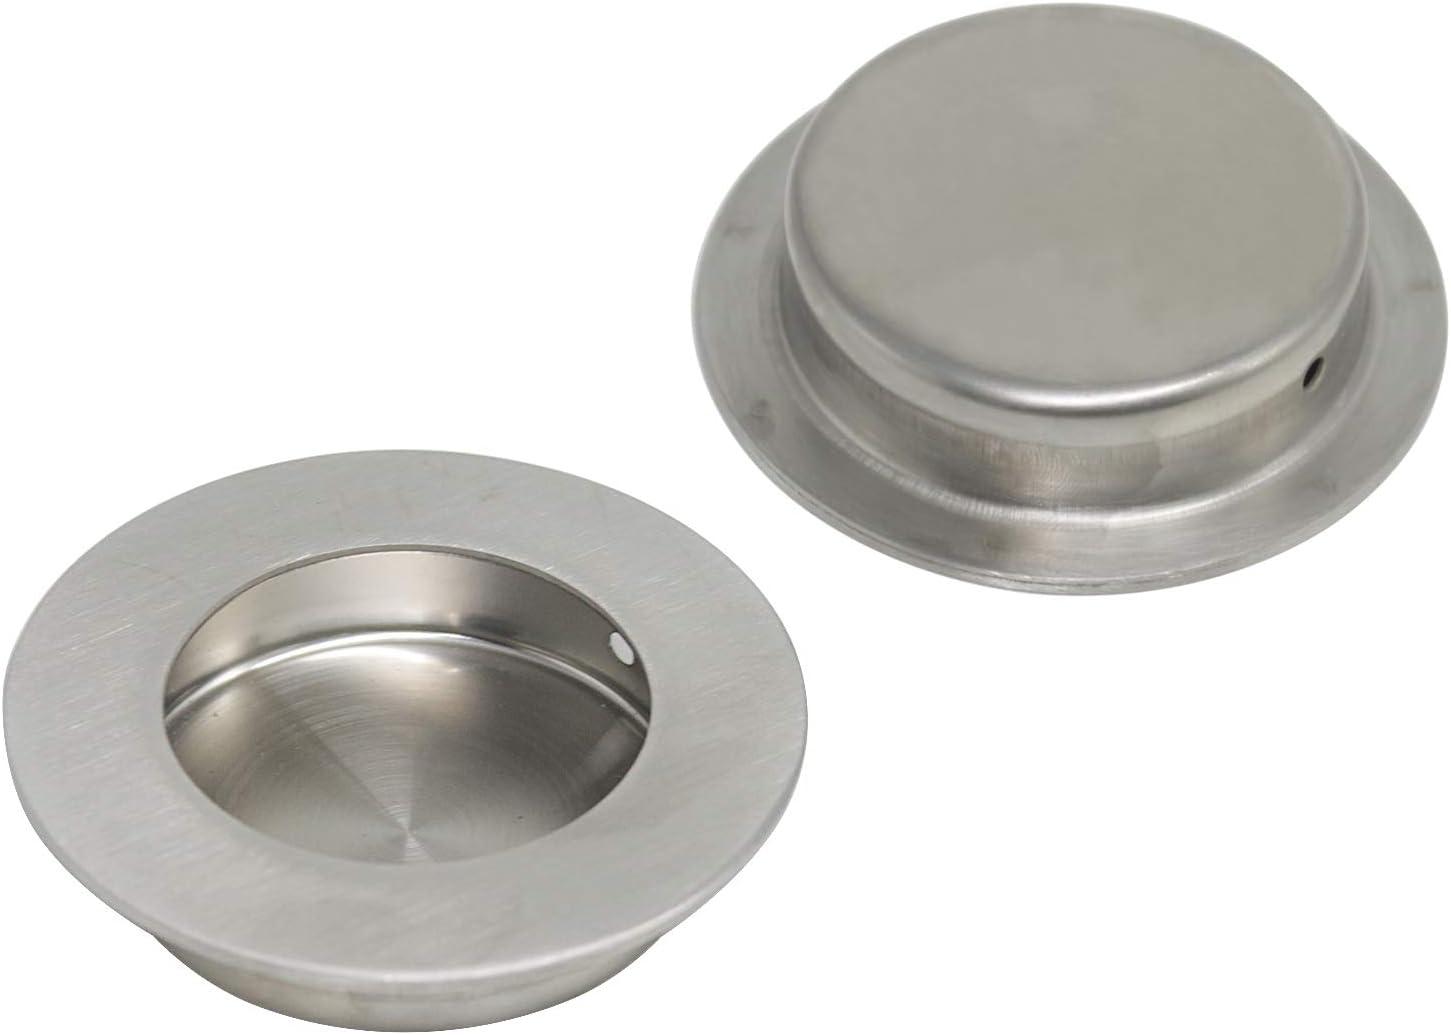 confezione da 5 Maniglie per porte in acciaio inox satinato rotonde in acciaio inox 304 65 mm per cassetti e armadi